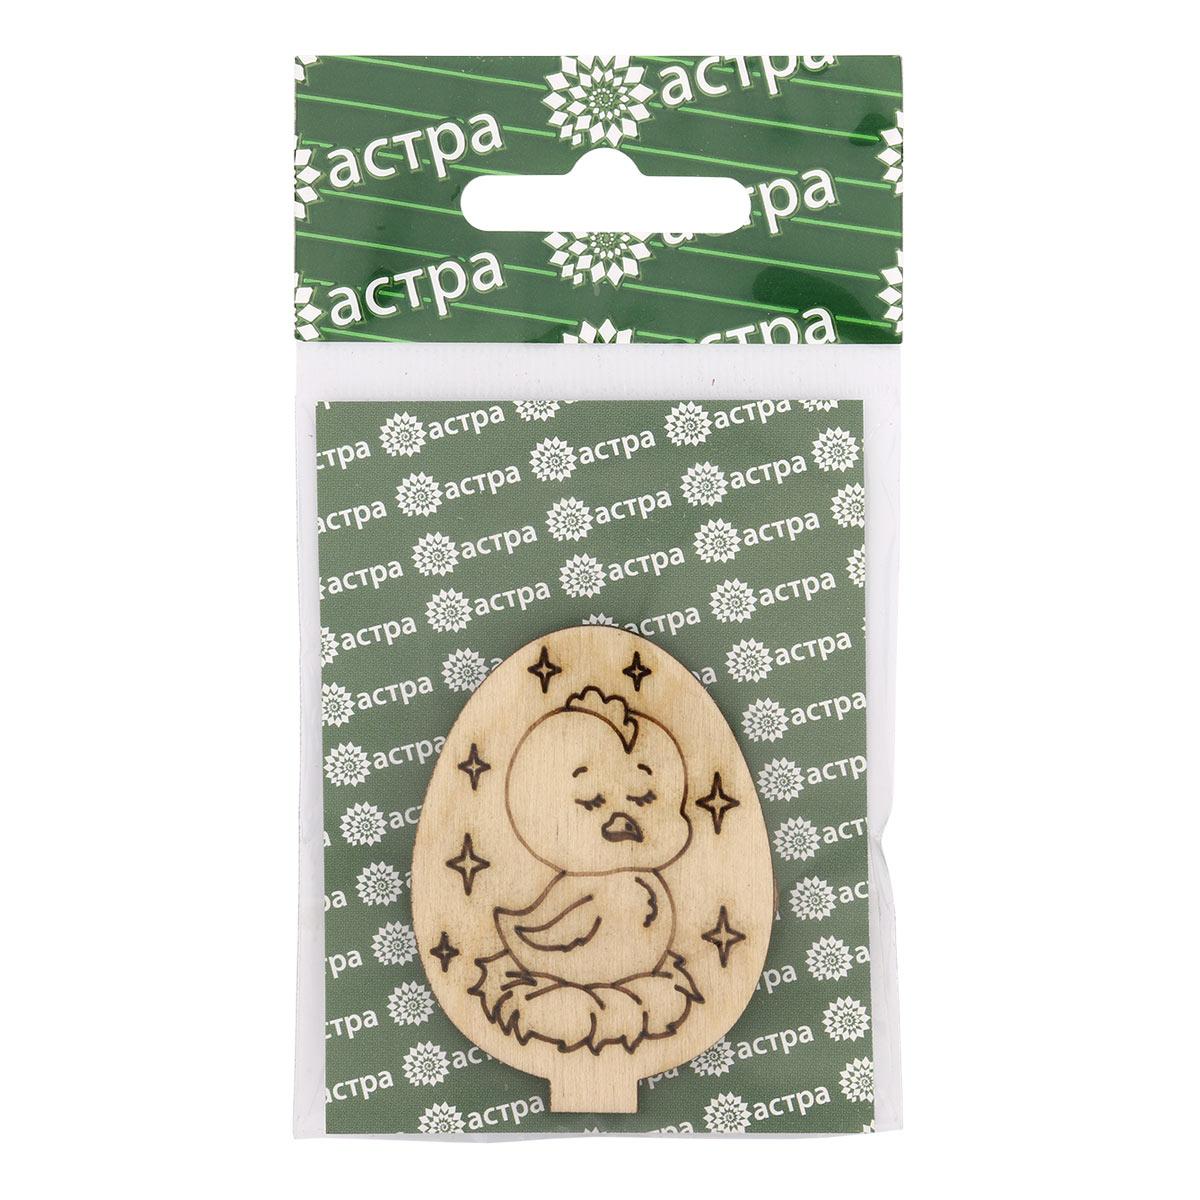 L-1378/3 Деревянная заготовка яйцо на подставке 'Цыпа 3', 5,2*4*2,5см Астра